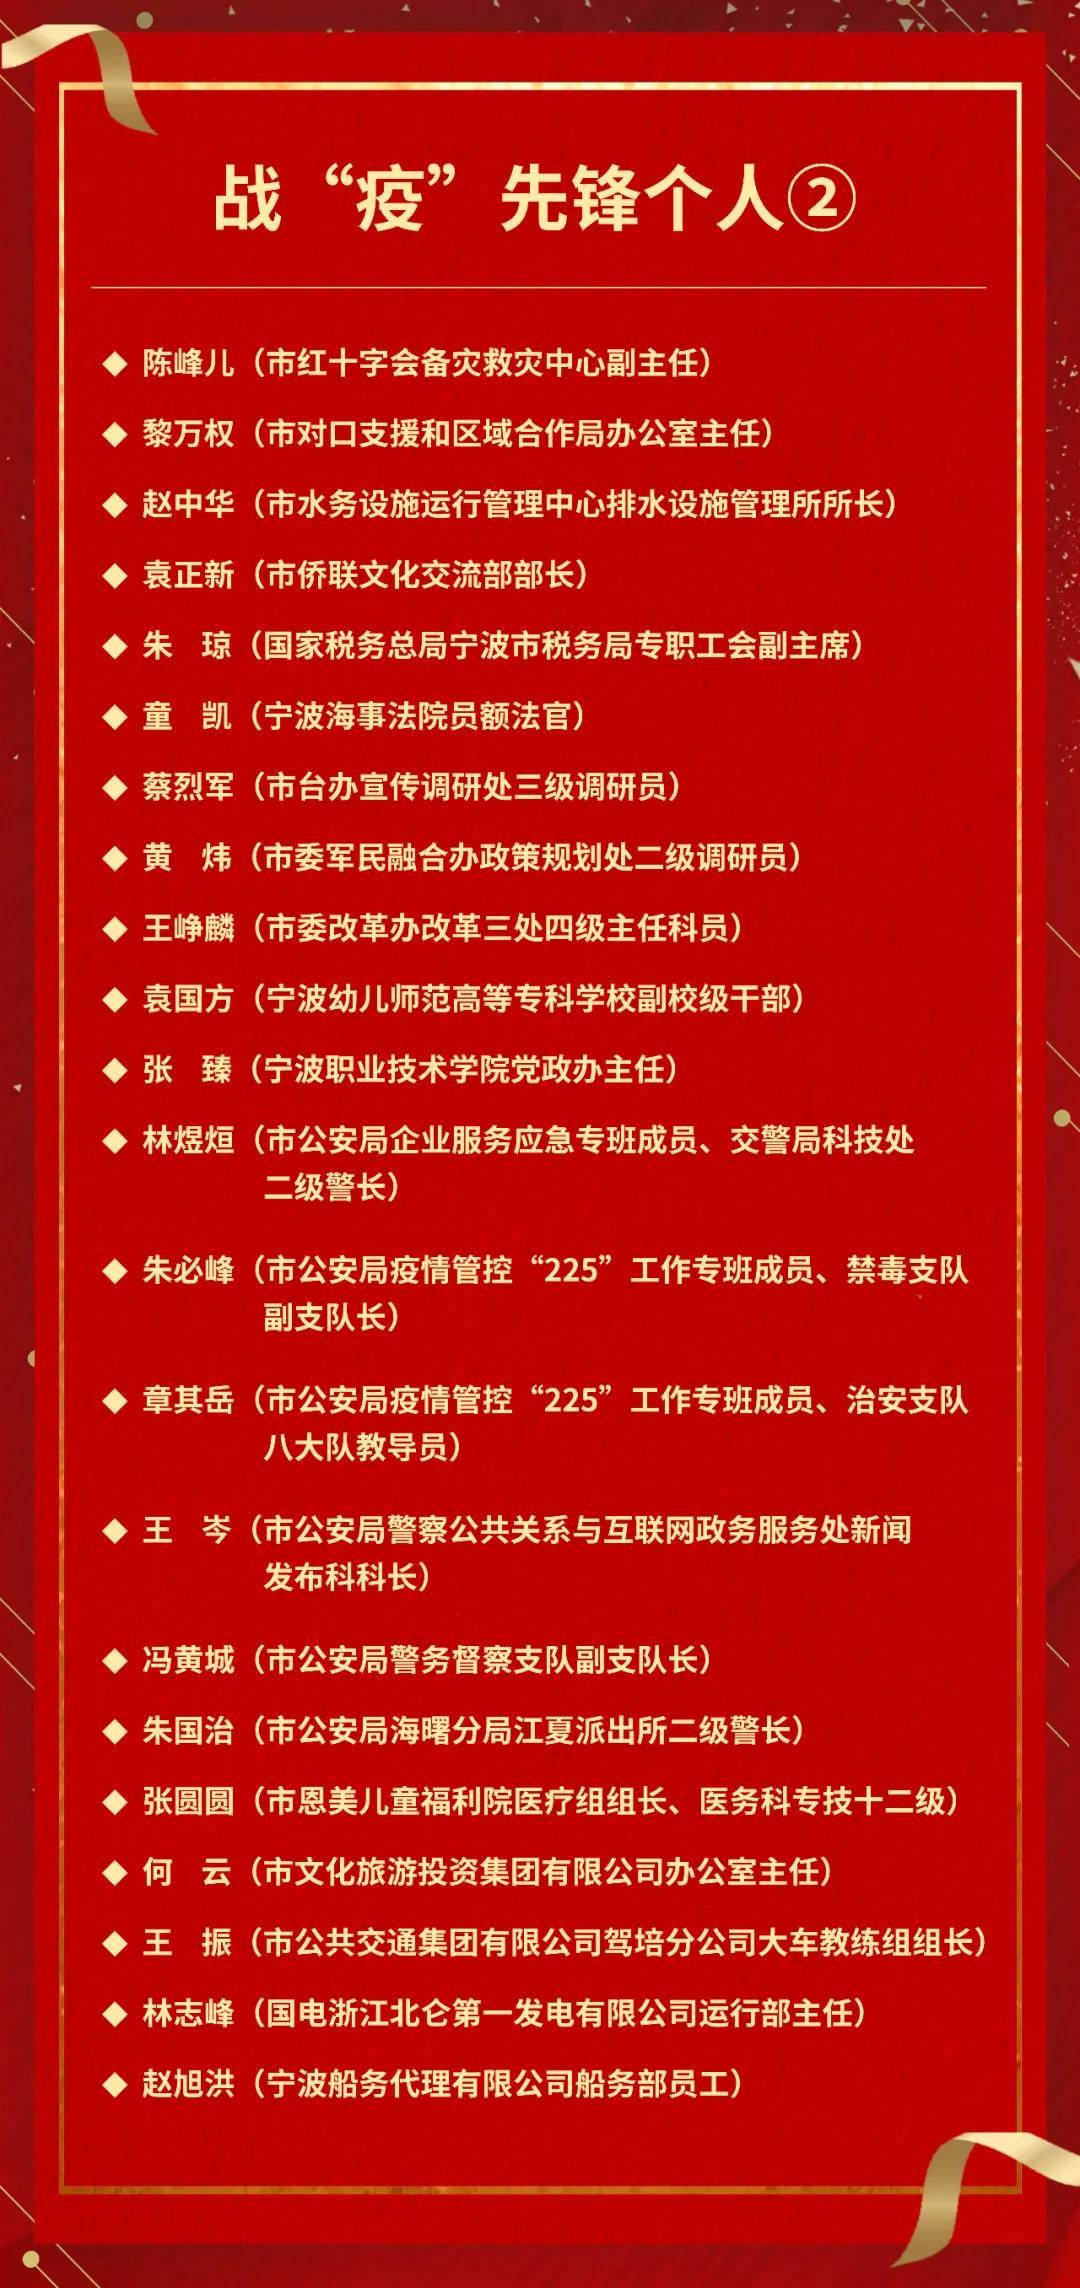 """先进典型事迹材料_通报表扬!宁波市第三批战""""疫""""先锋团队和个人先进事迹展播⑯"""